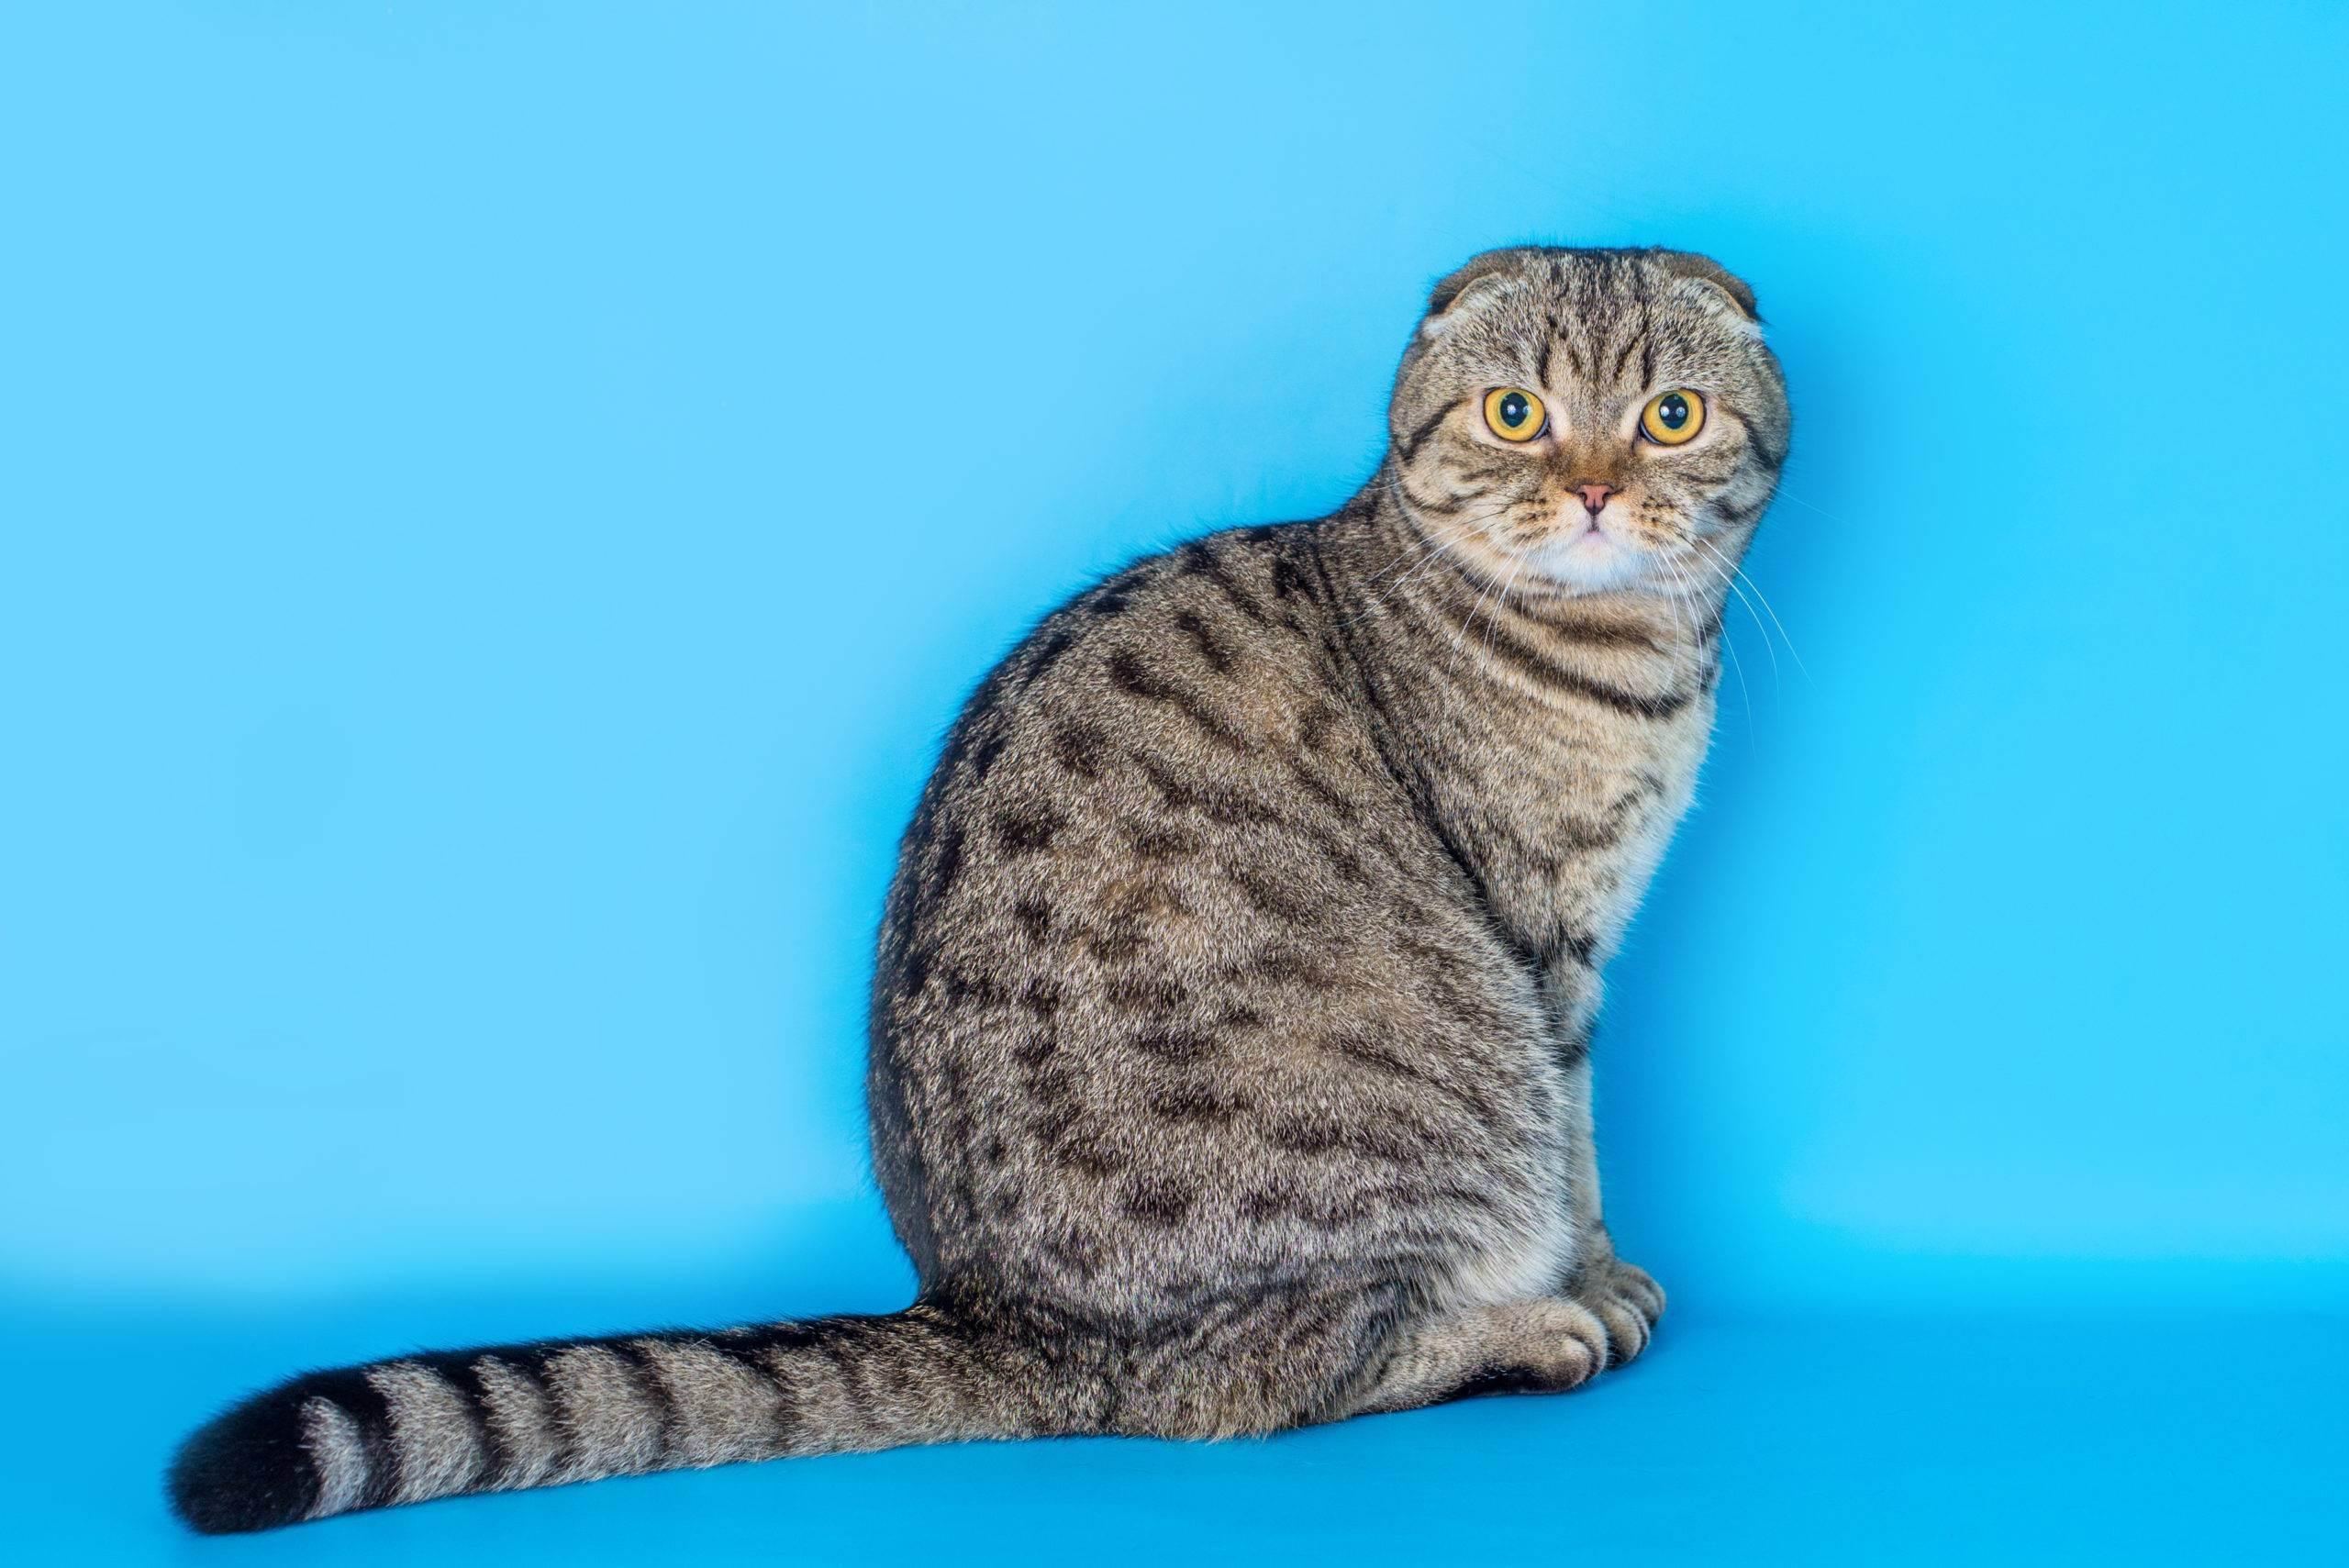 Разнообразие окрасов шотландских прямоухих кошек